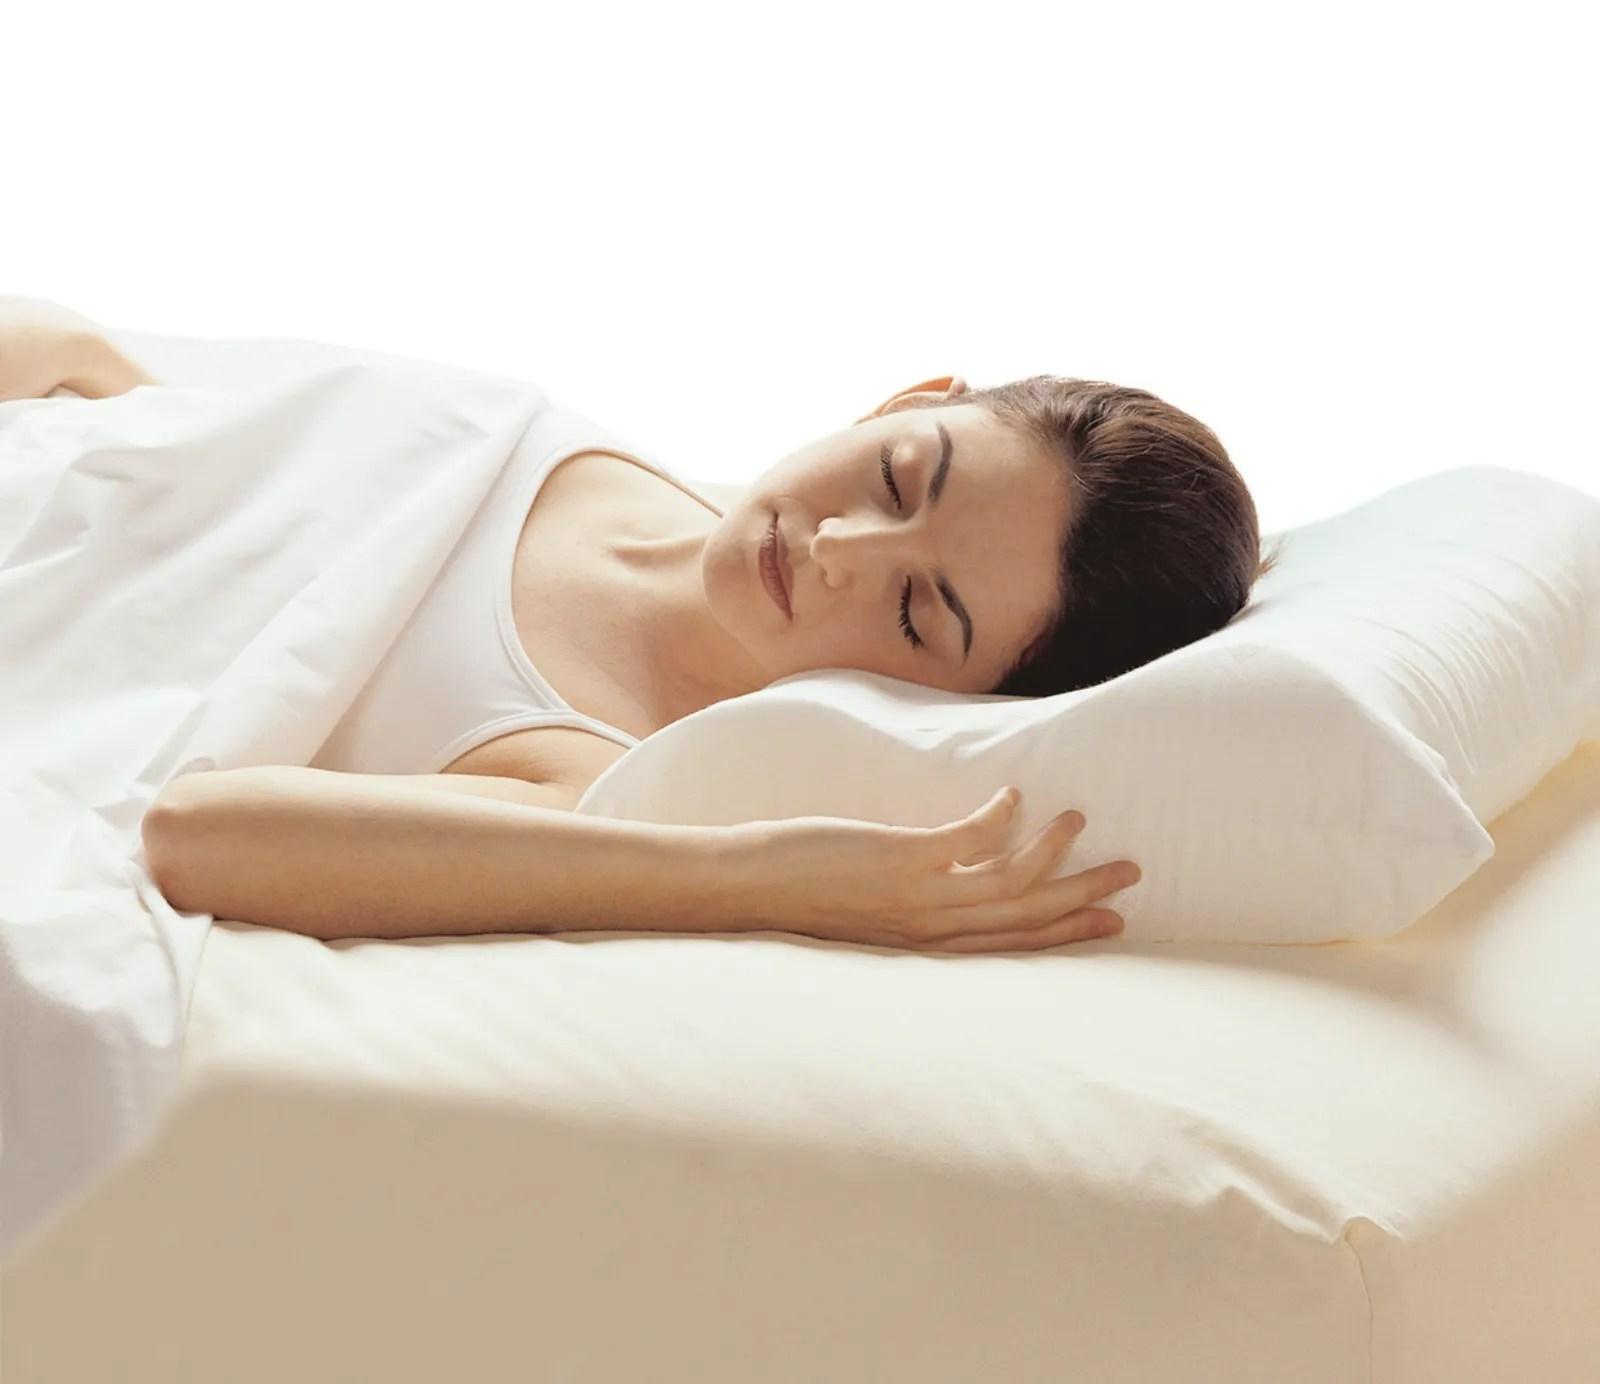 Cuscino per cervicale  Cuscini